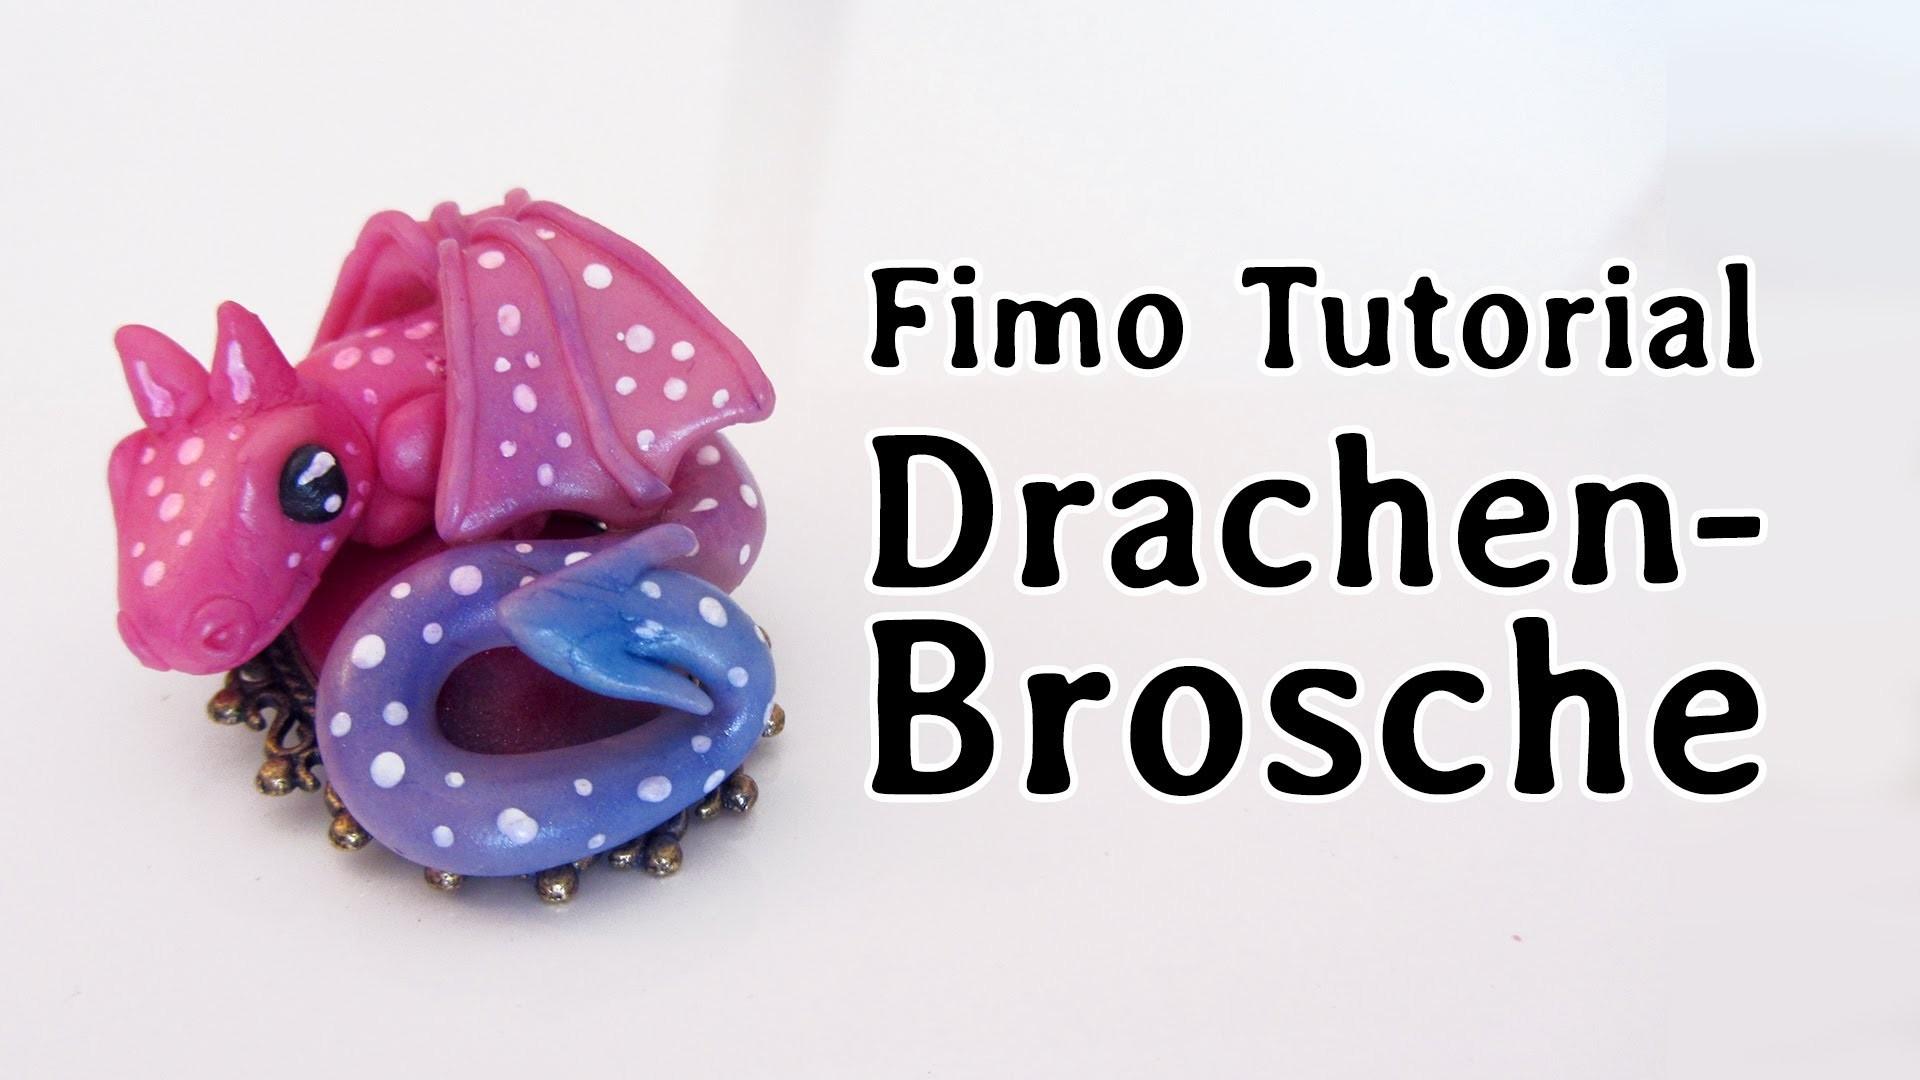 [Fimo-Tutorial] Drachen-Brosche